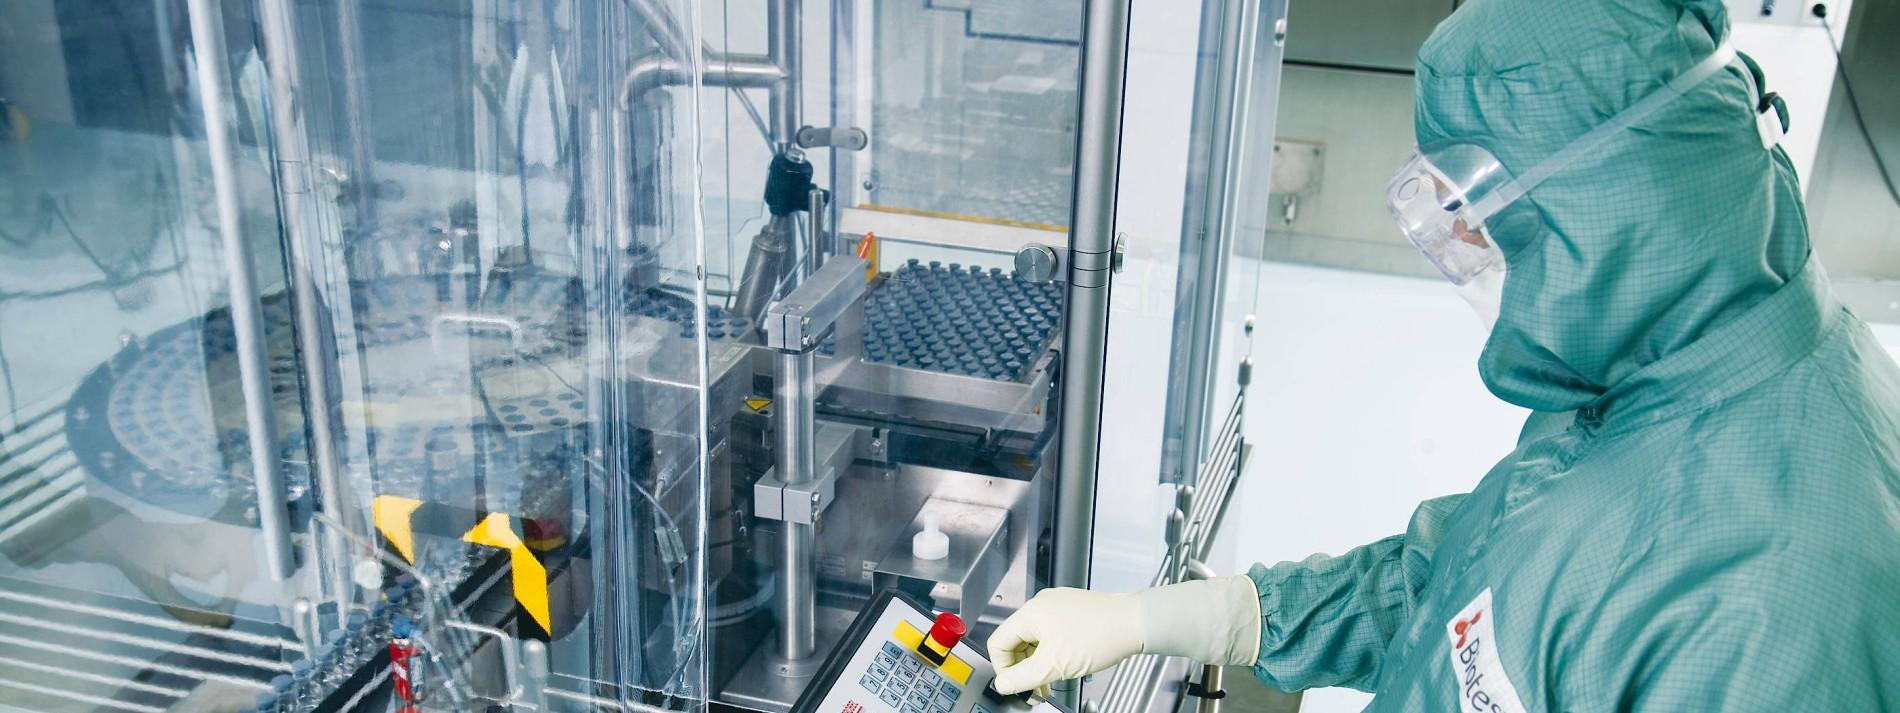 Darum steht der Blutplasma-Spezialist Biotest vor einem Eignerwechsel